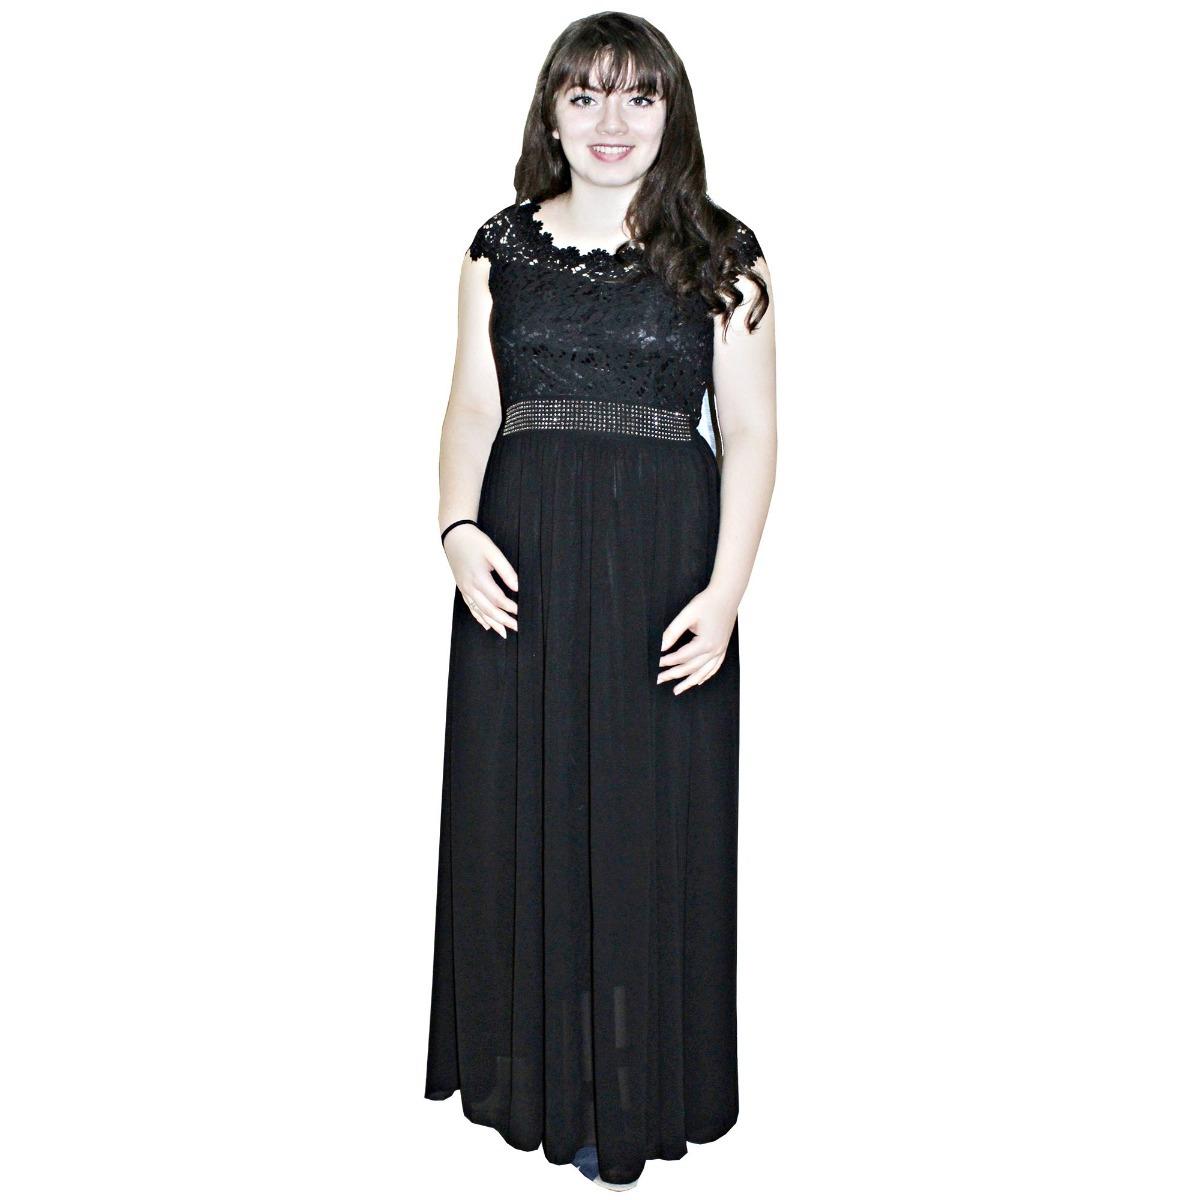 eb128c139 vestidos femininos moda evangélica longos madrinha 01 86538#. Carregando  zoom.